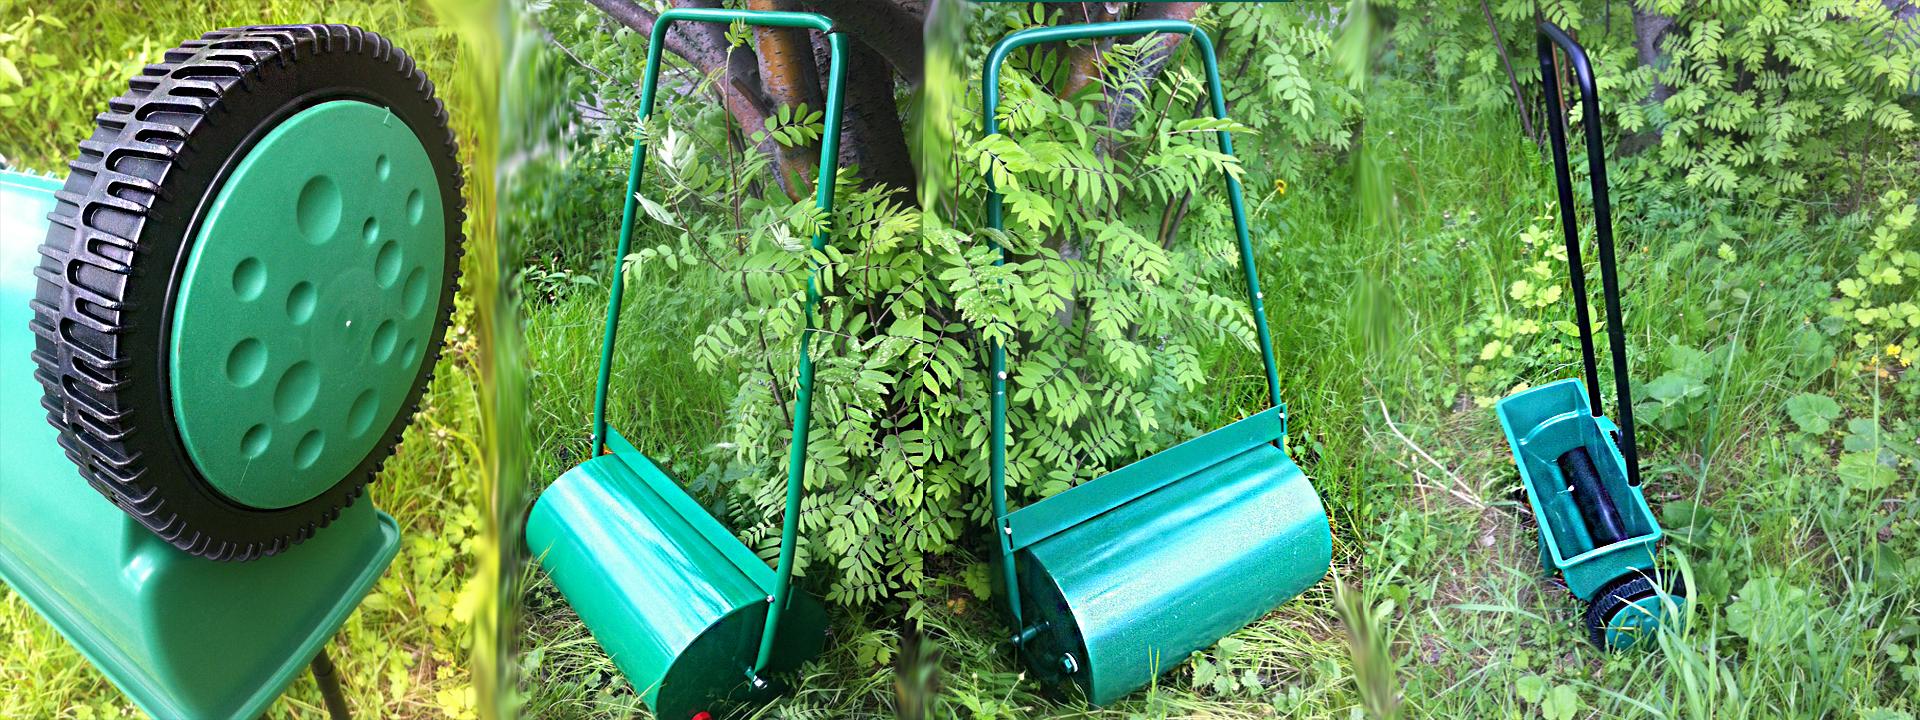 Каток для газона своими руками. Как сделать каток для газона своими 84